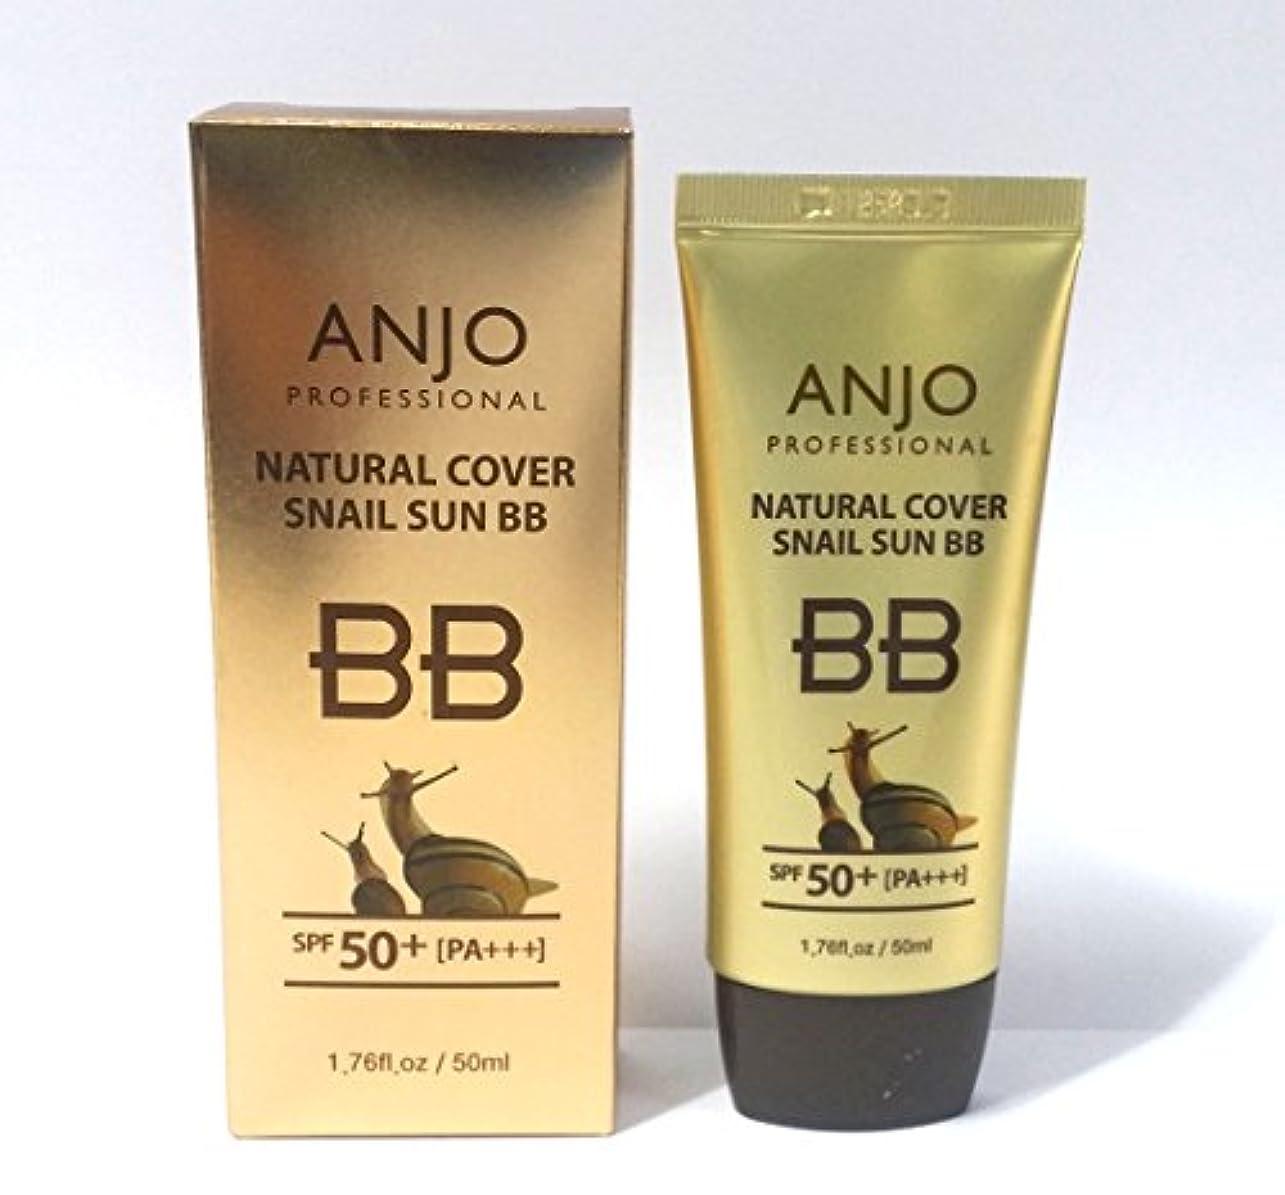 デッキリンケージ委員長[ANJO] ナチュラルカバーカタツムリサンBBクリームSPF 50 + PA +++ 50ml X 6EA /メイクアップベース/カタツムリ粘液 / Natural Cover Snail Sun BB Cream SPF...